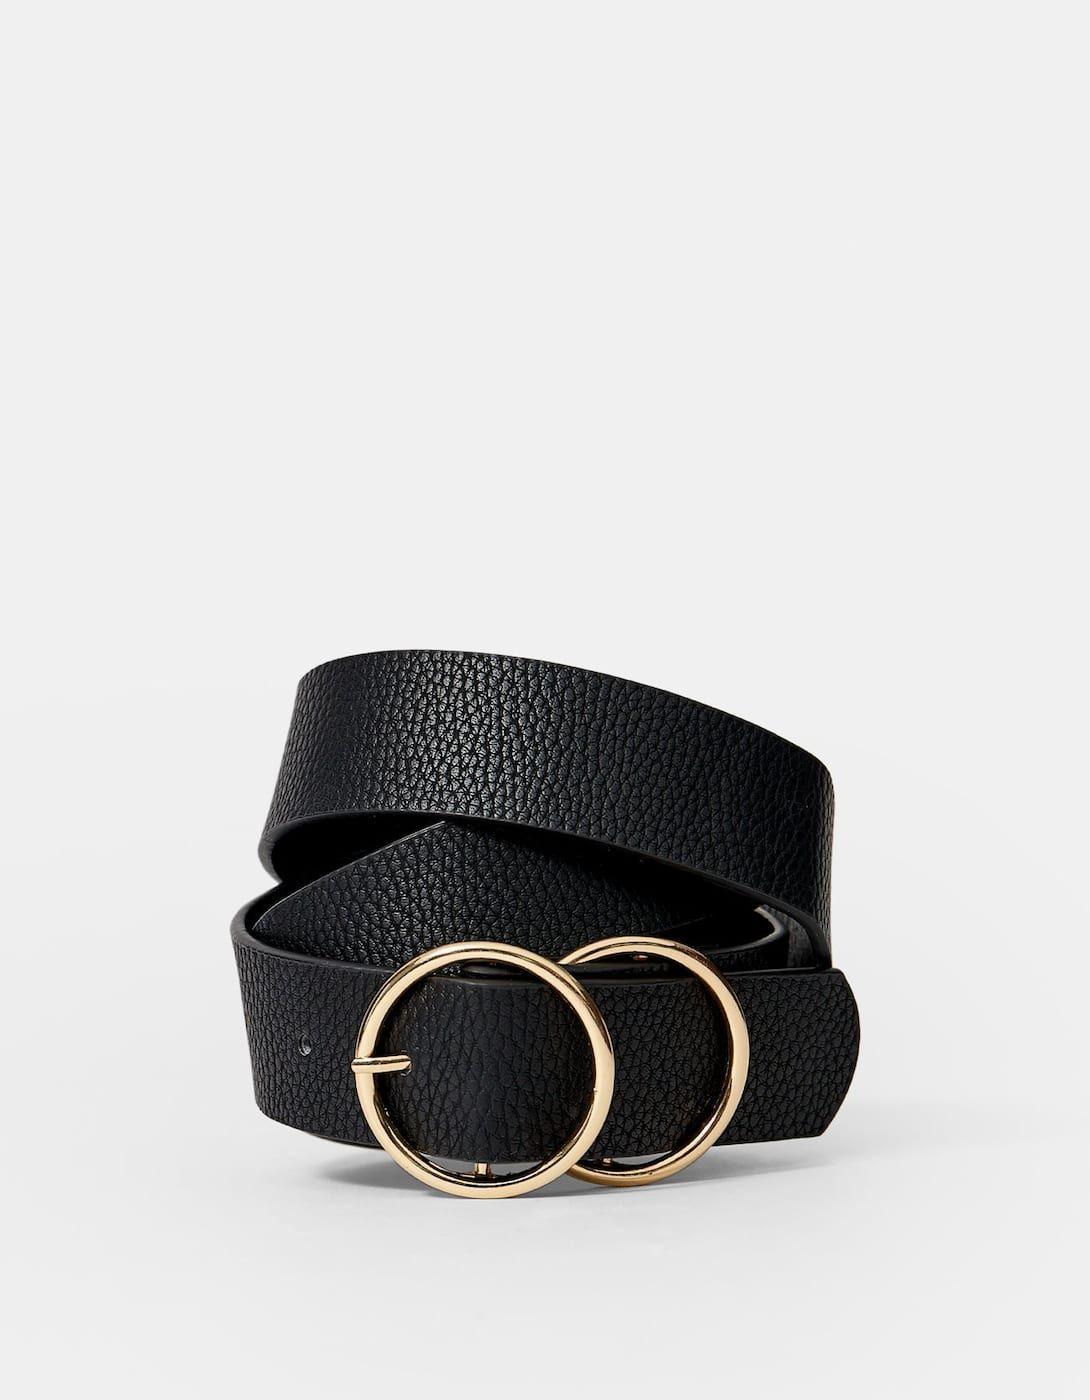 Cinturon Doble Hebilla Cruzada Cinturones De Mujer Stradivarius Borse Cinture Portafogli